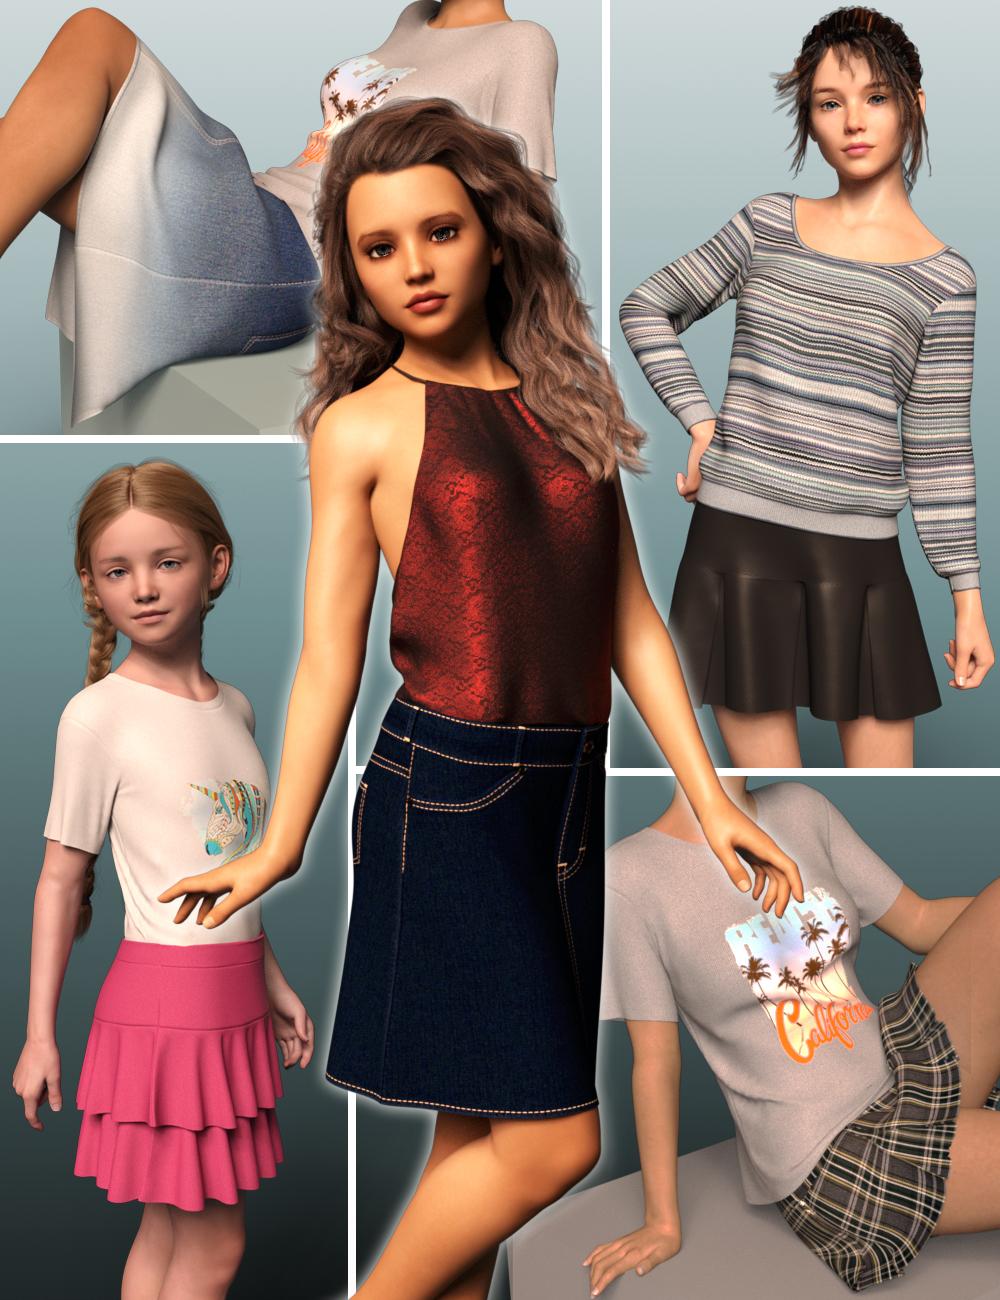 dForce Wardrobe & Shaders 1 for Genesis 8 Female(s) by: DogzIDG DesignsDestinysGarden, 3D Models by Daz 3D